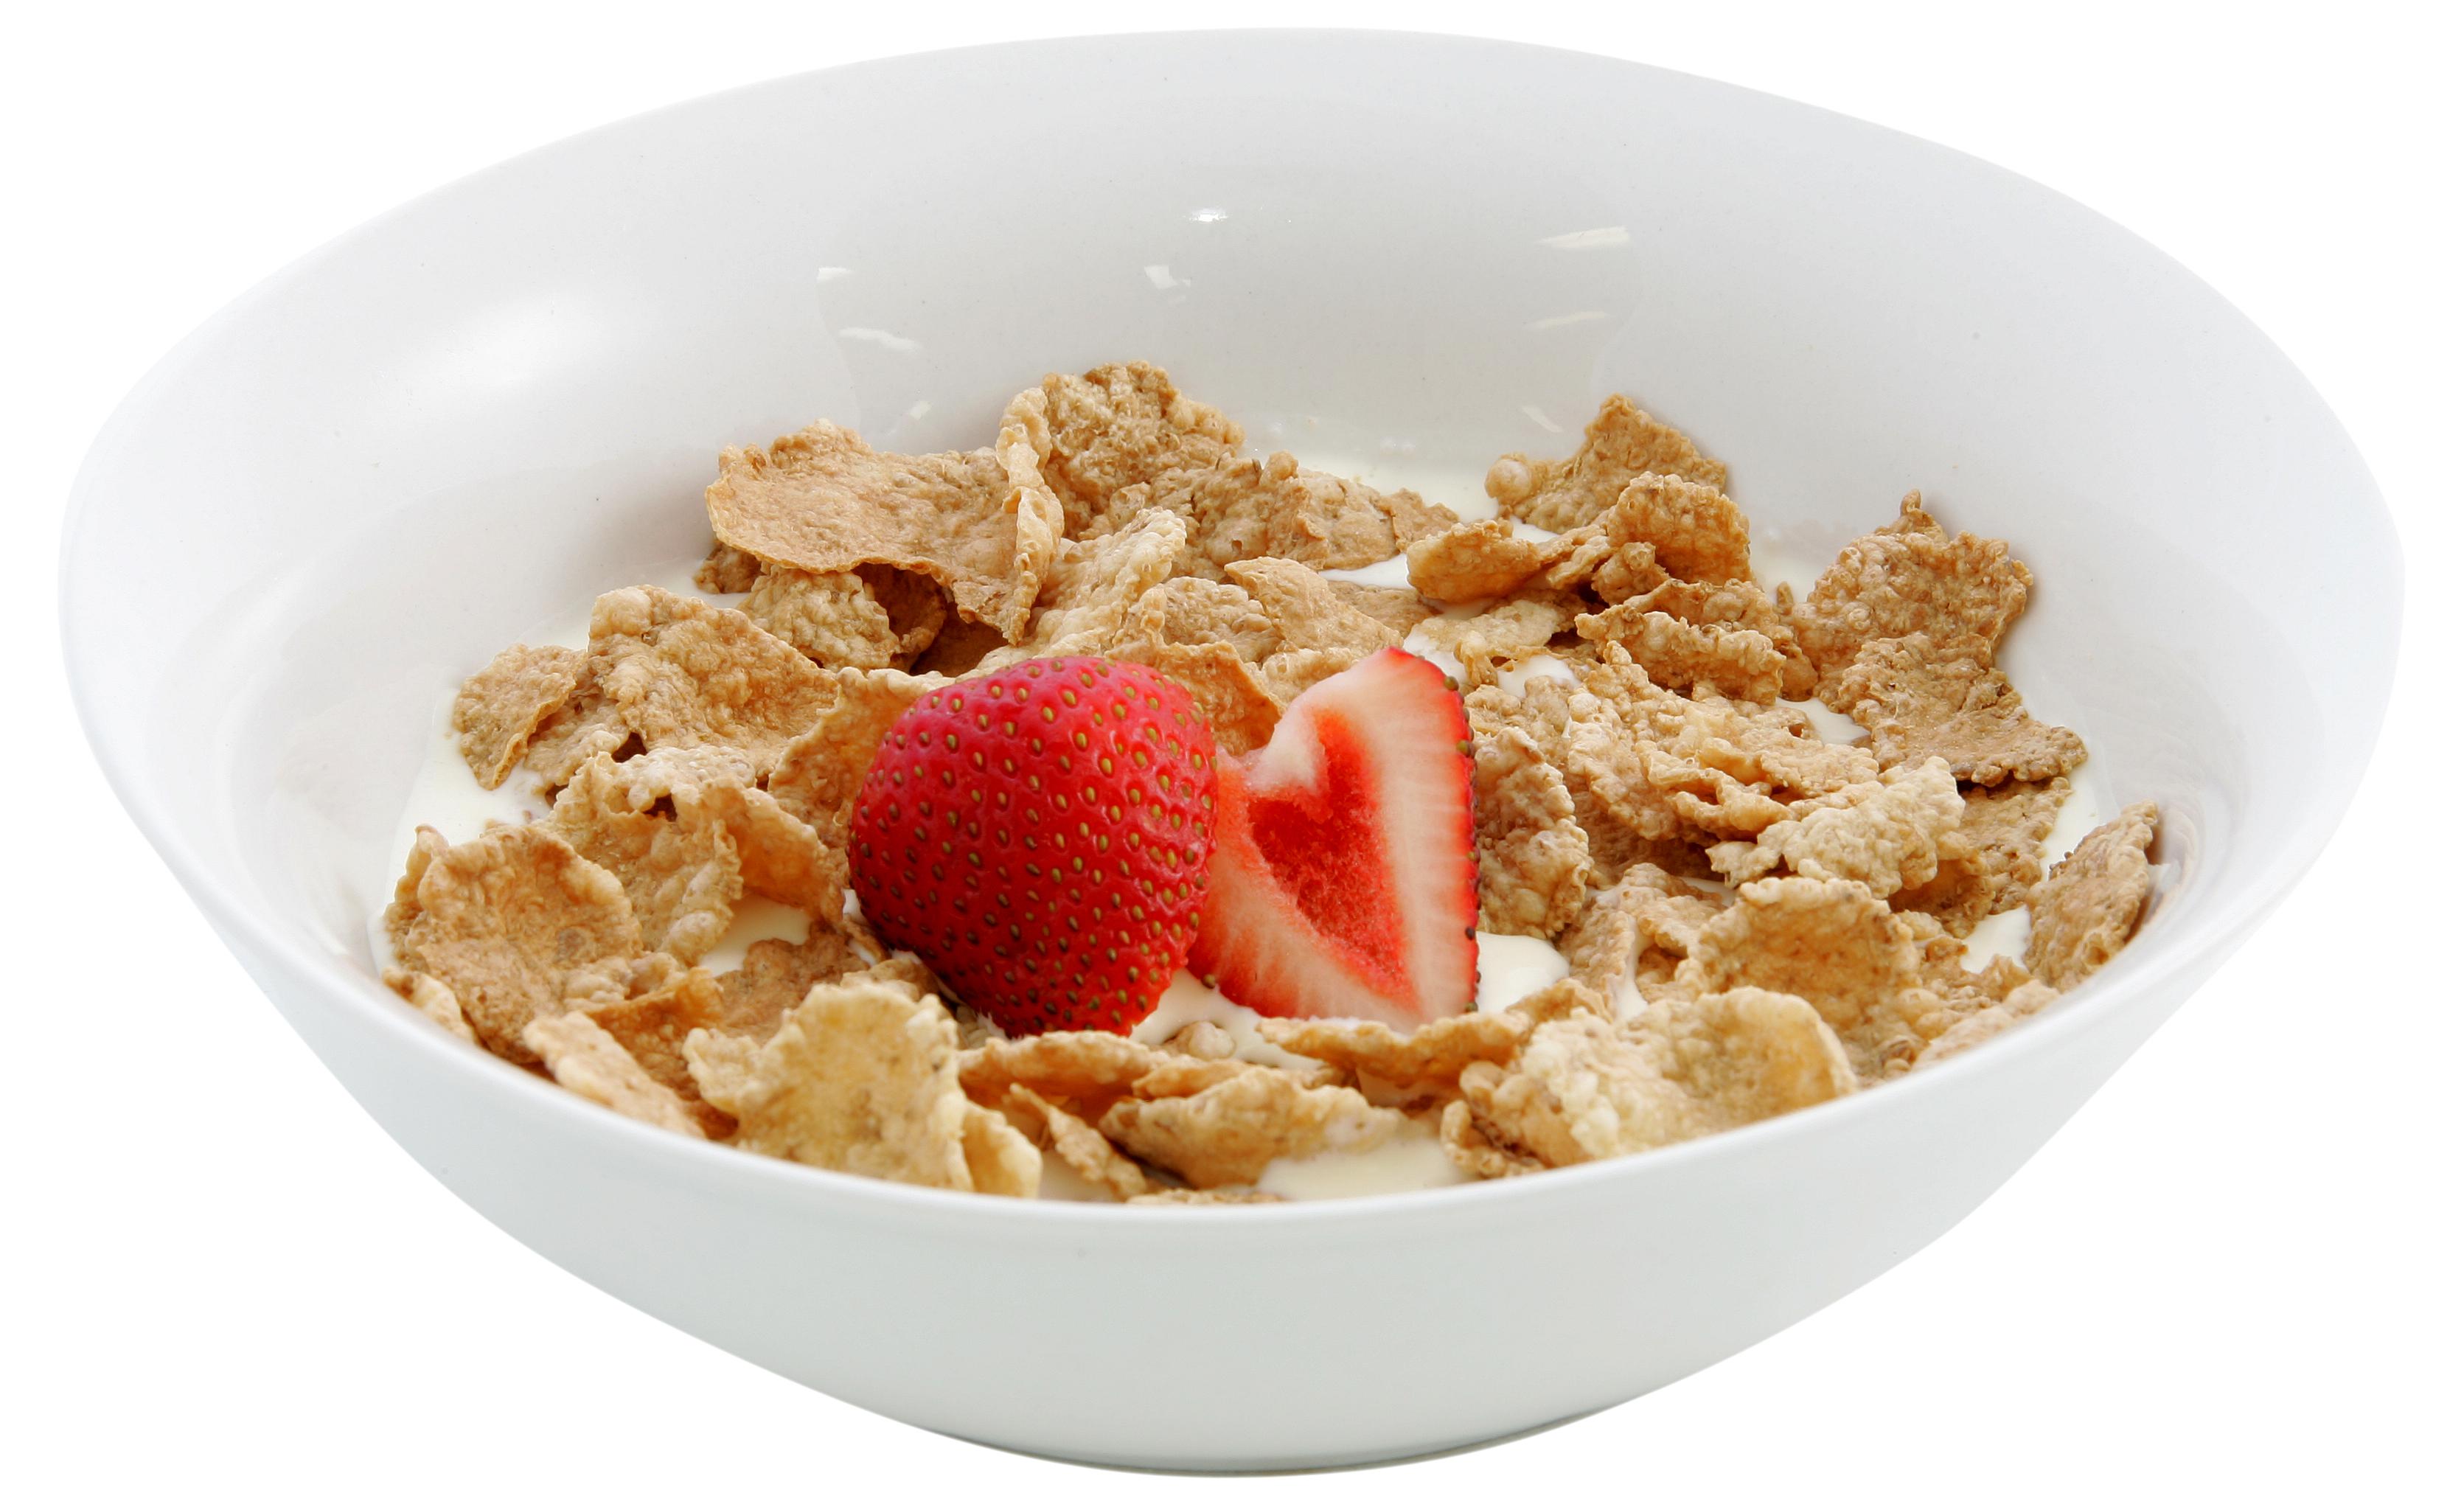 breakfast | HD Breakfast Wallpaper | BREAKFAST | Pinterest | Croissant,  Juice and Foods - Breakfast Bowl PNG